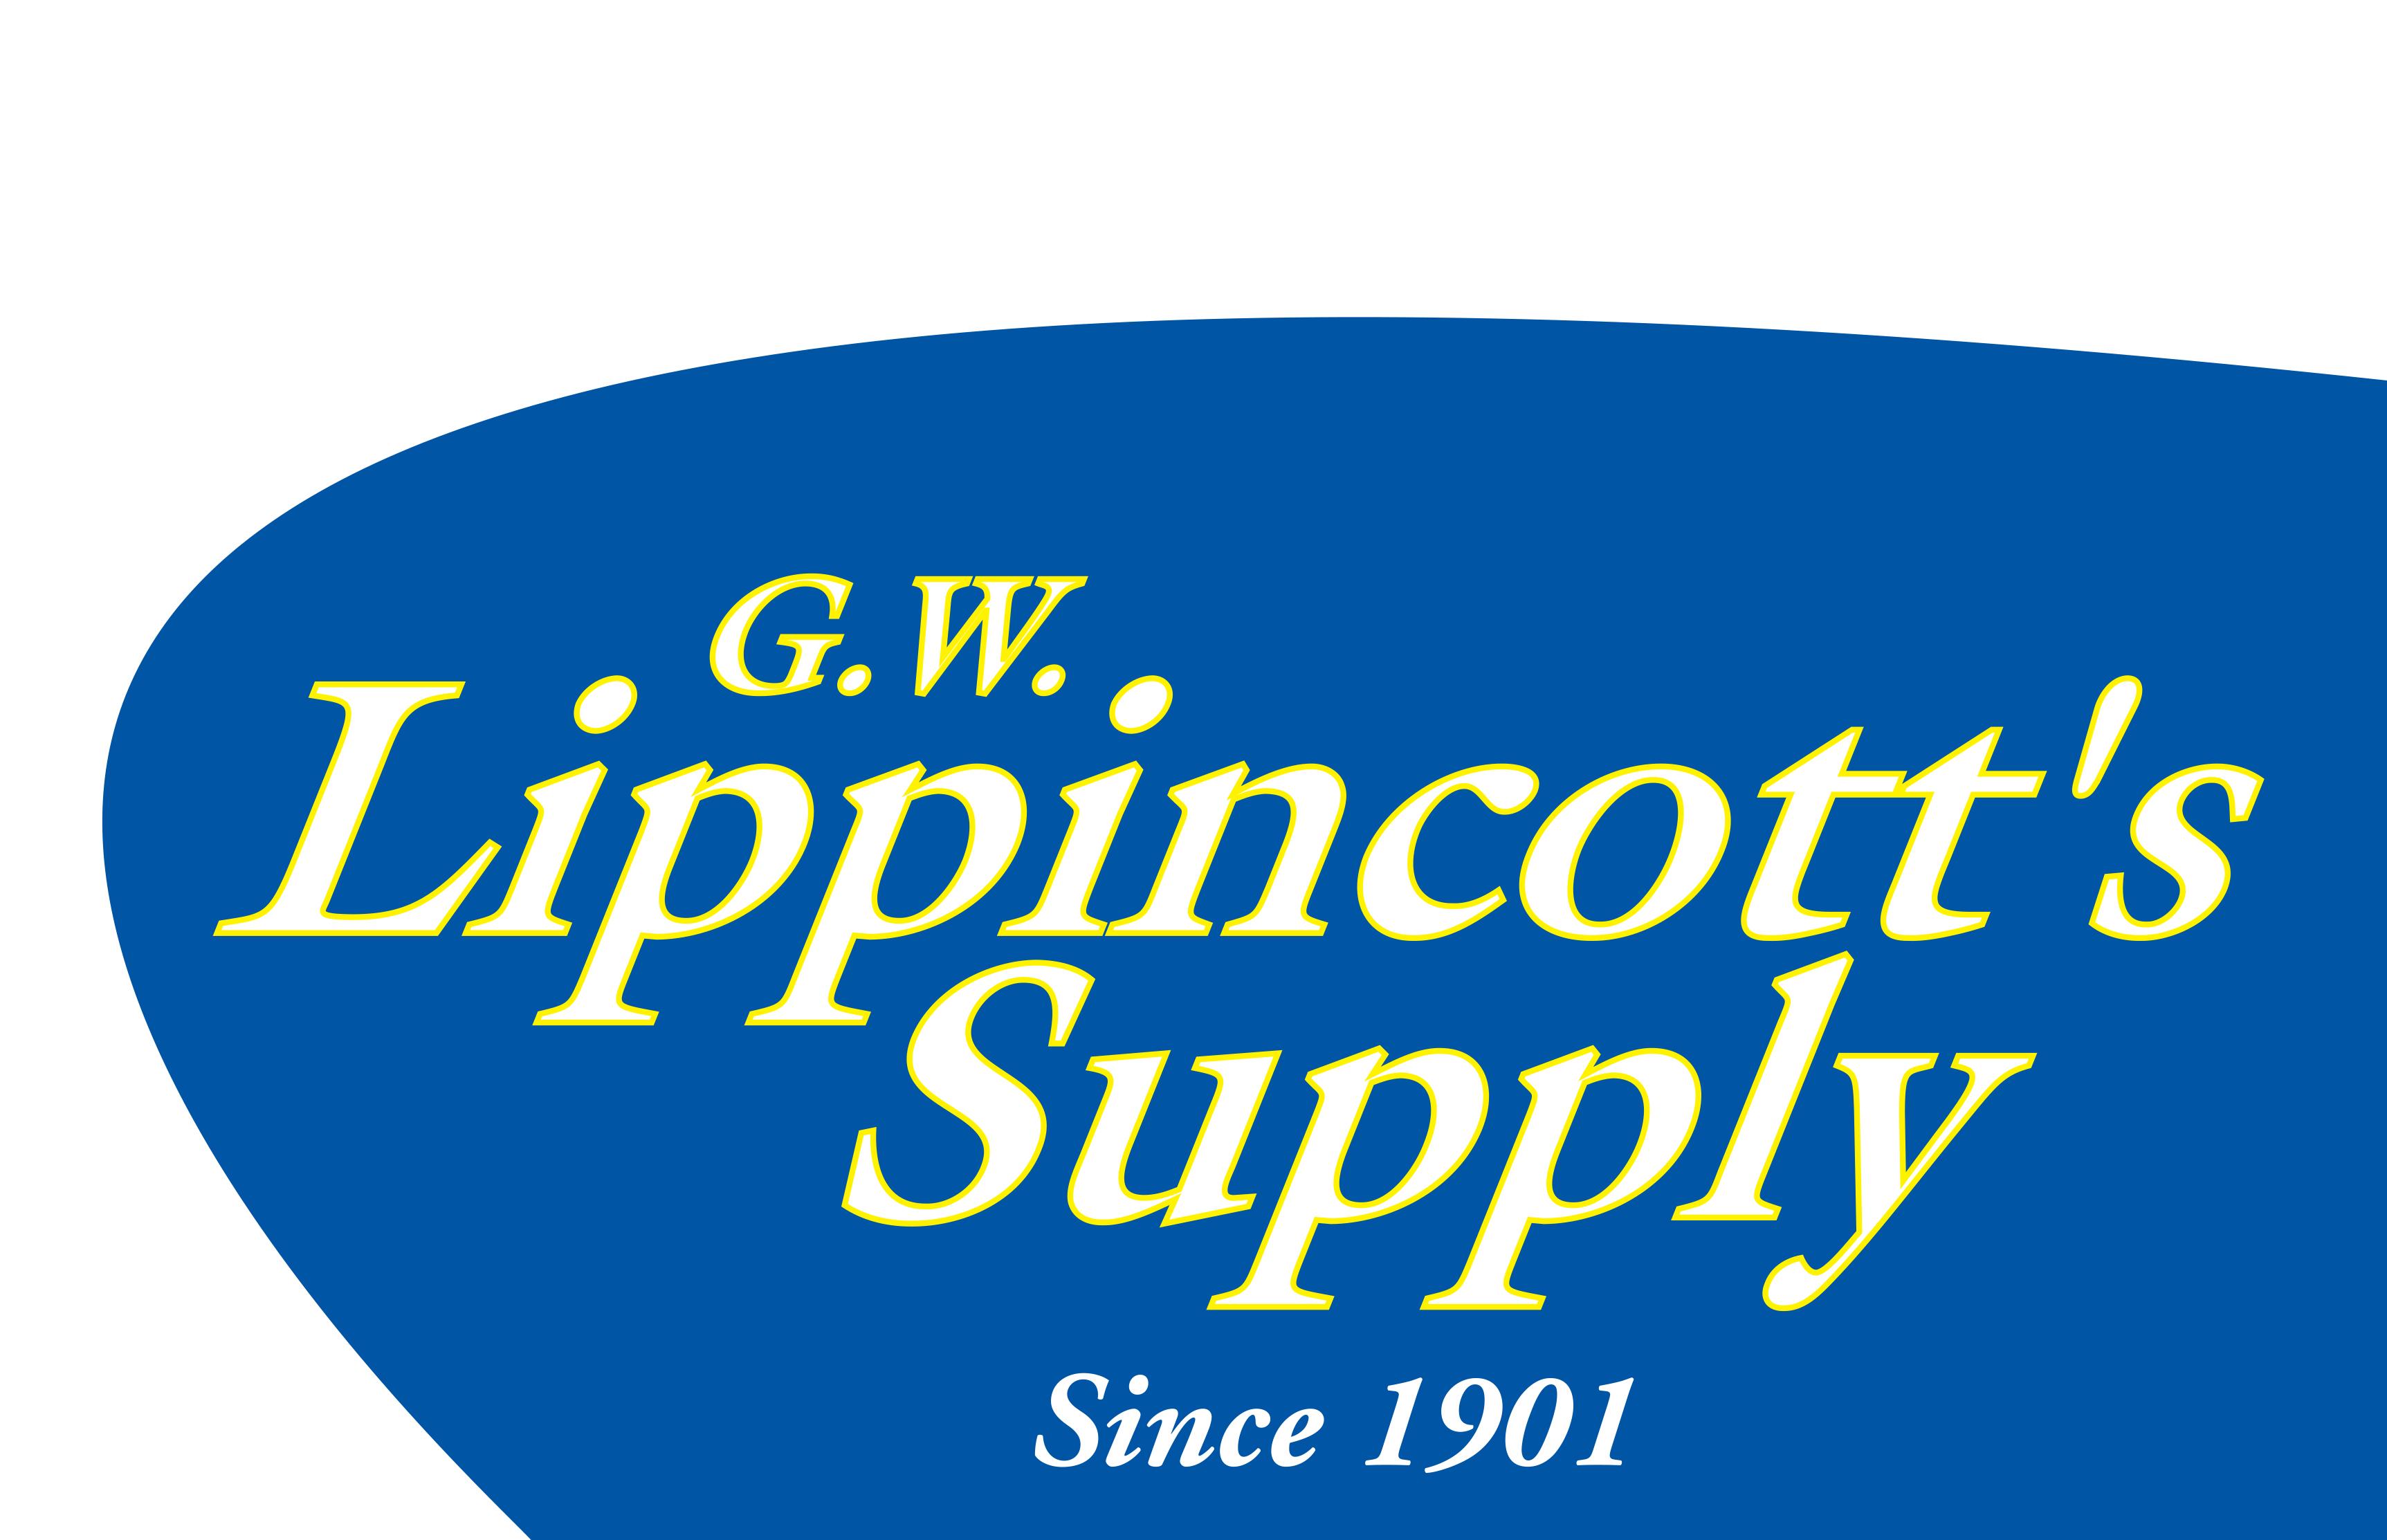 G.W. Lippincott